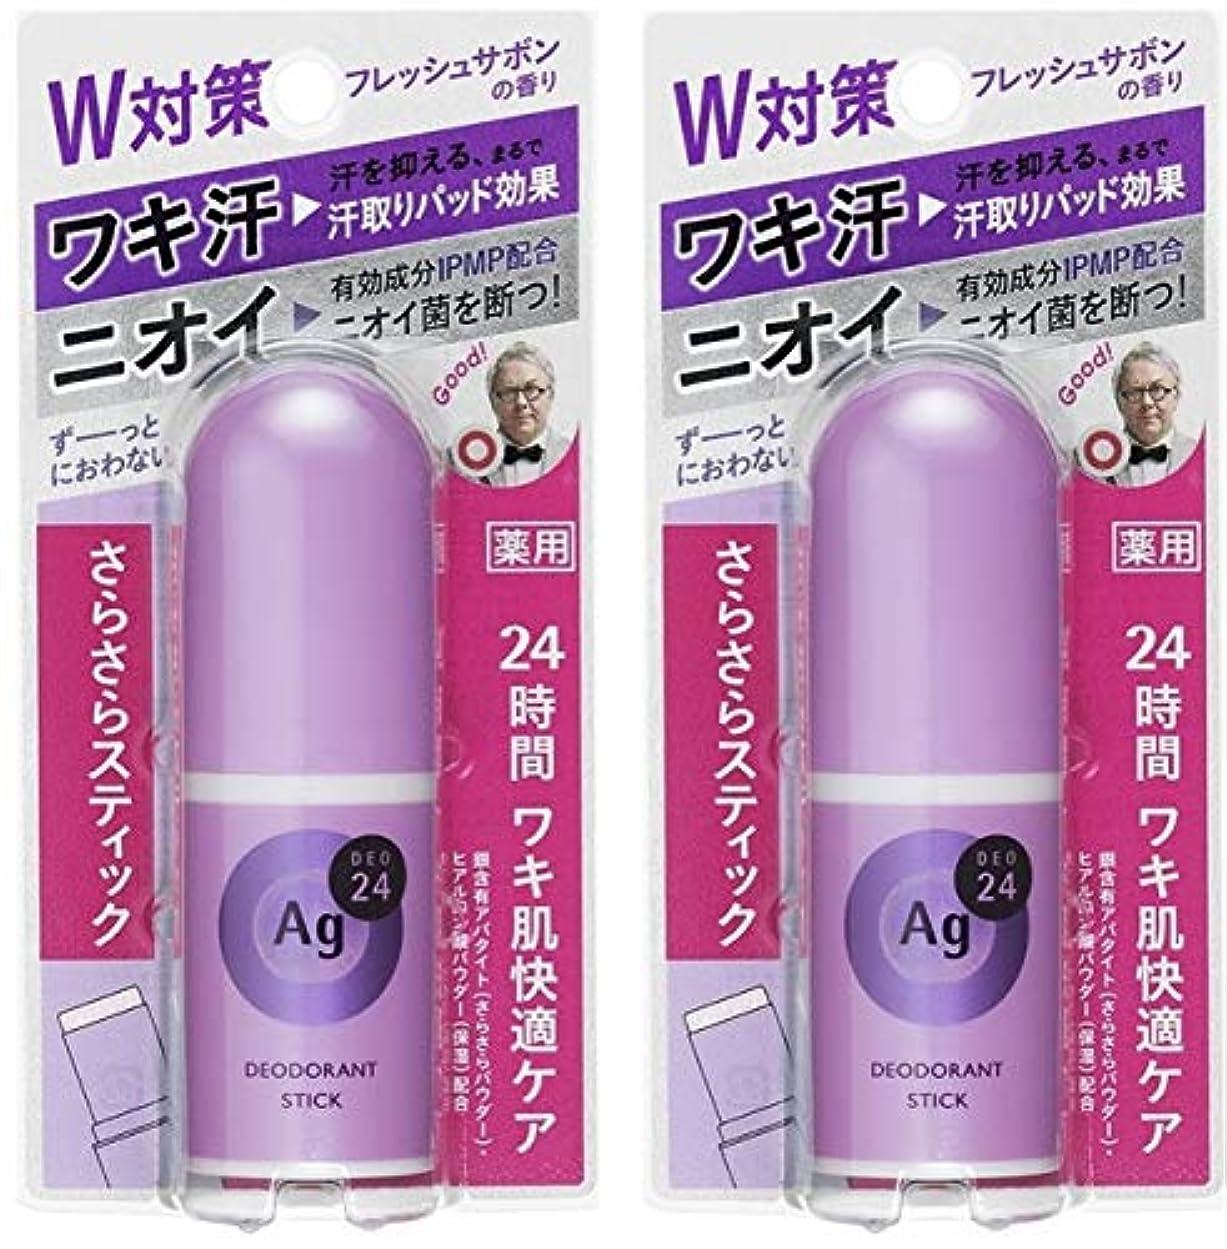 【まとめ買い】エージーデオ24 デオドラントスティック フレッシュサボンの香り 20g×2個 (医薬部外品)